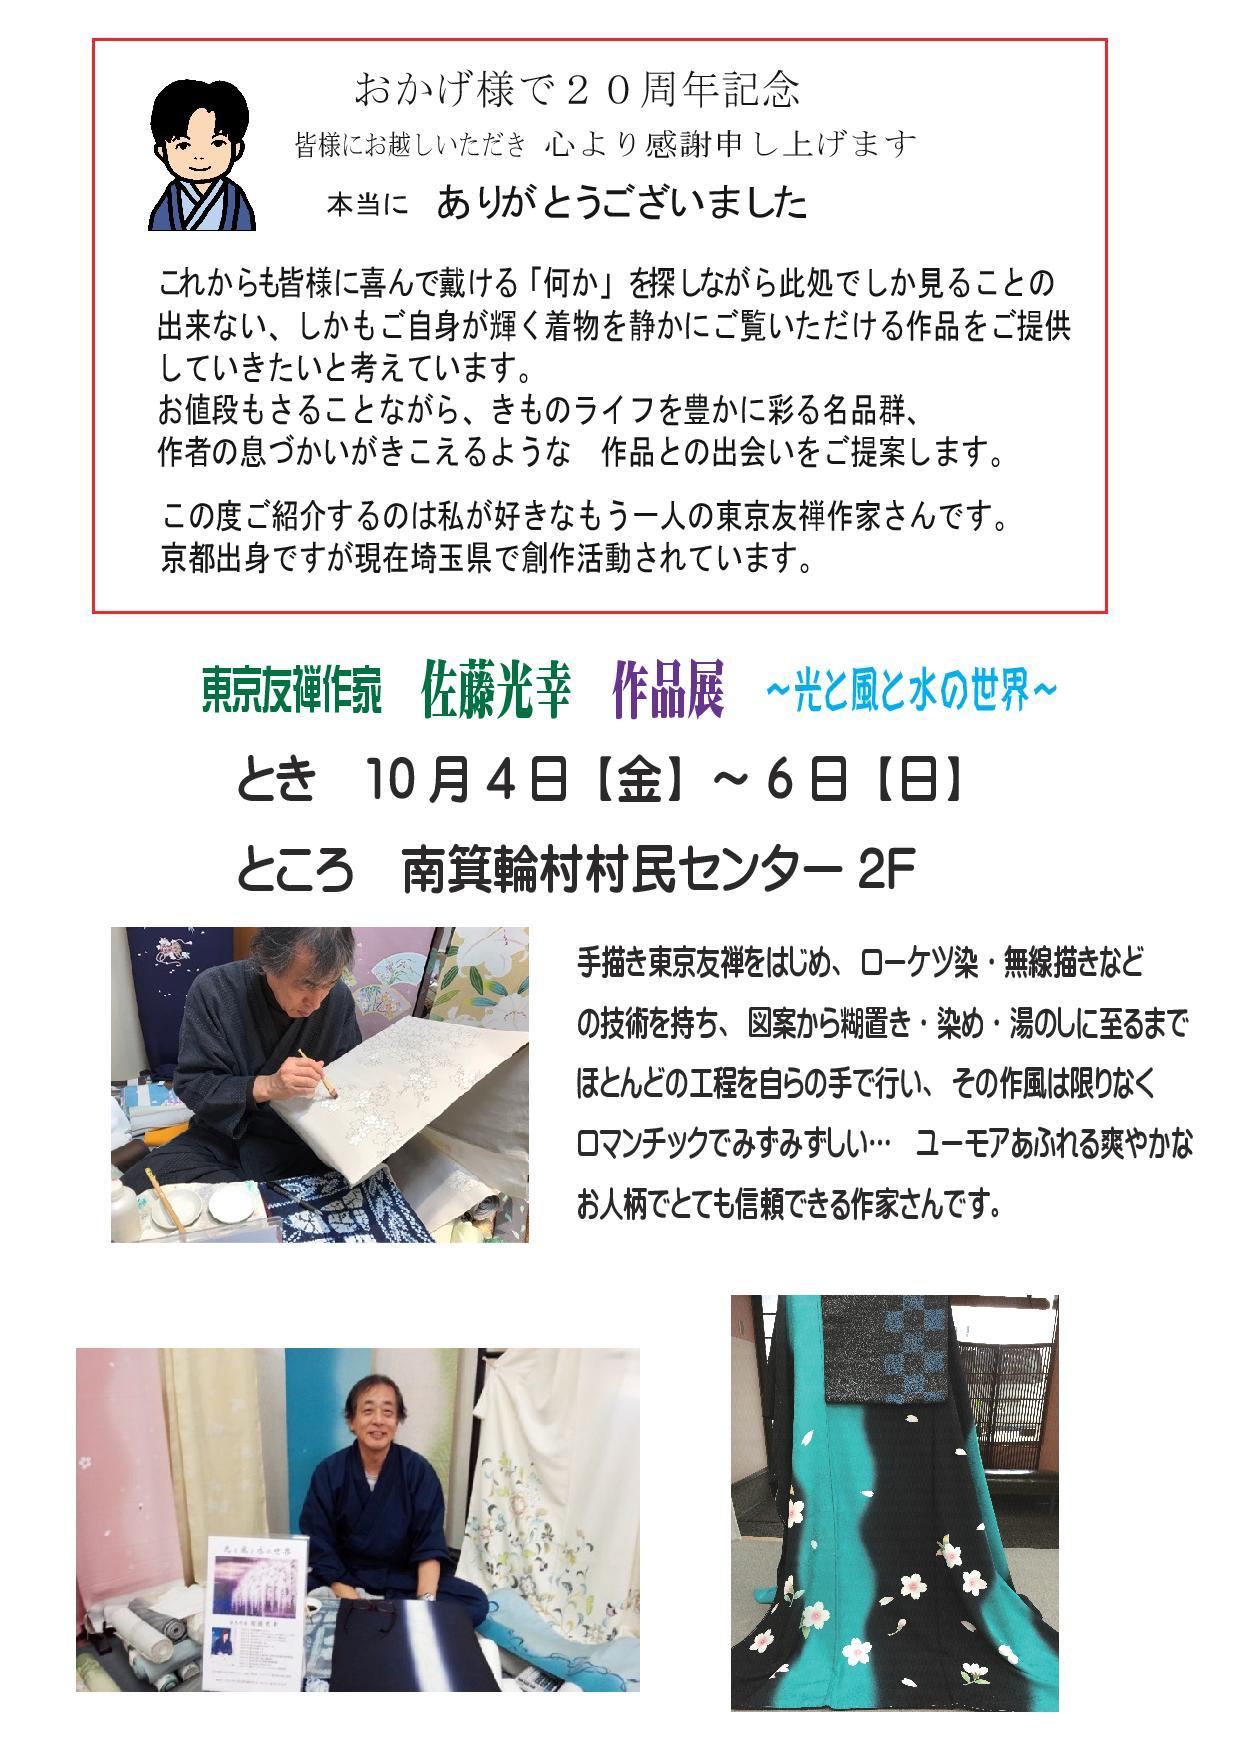 東京友禅「佐藤光幸作品展」10/4(金)~6(日) 南箕輪村民センター2F